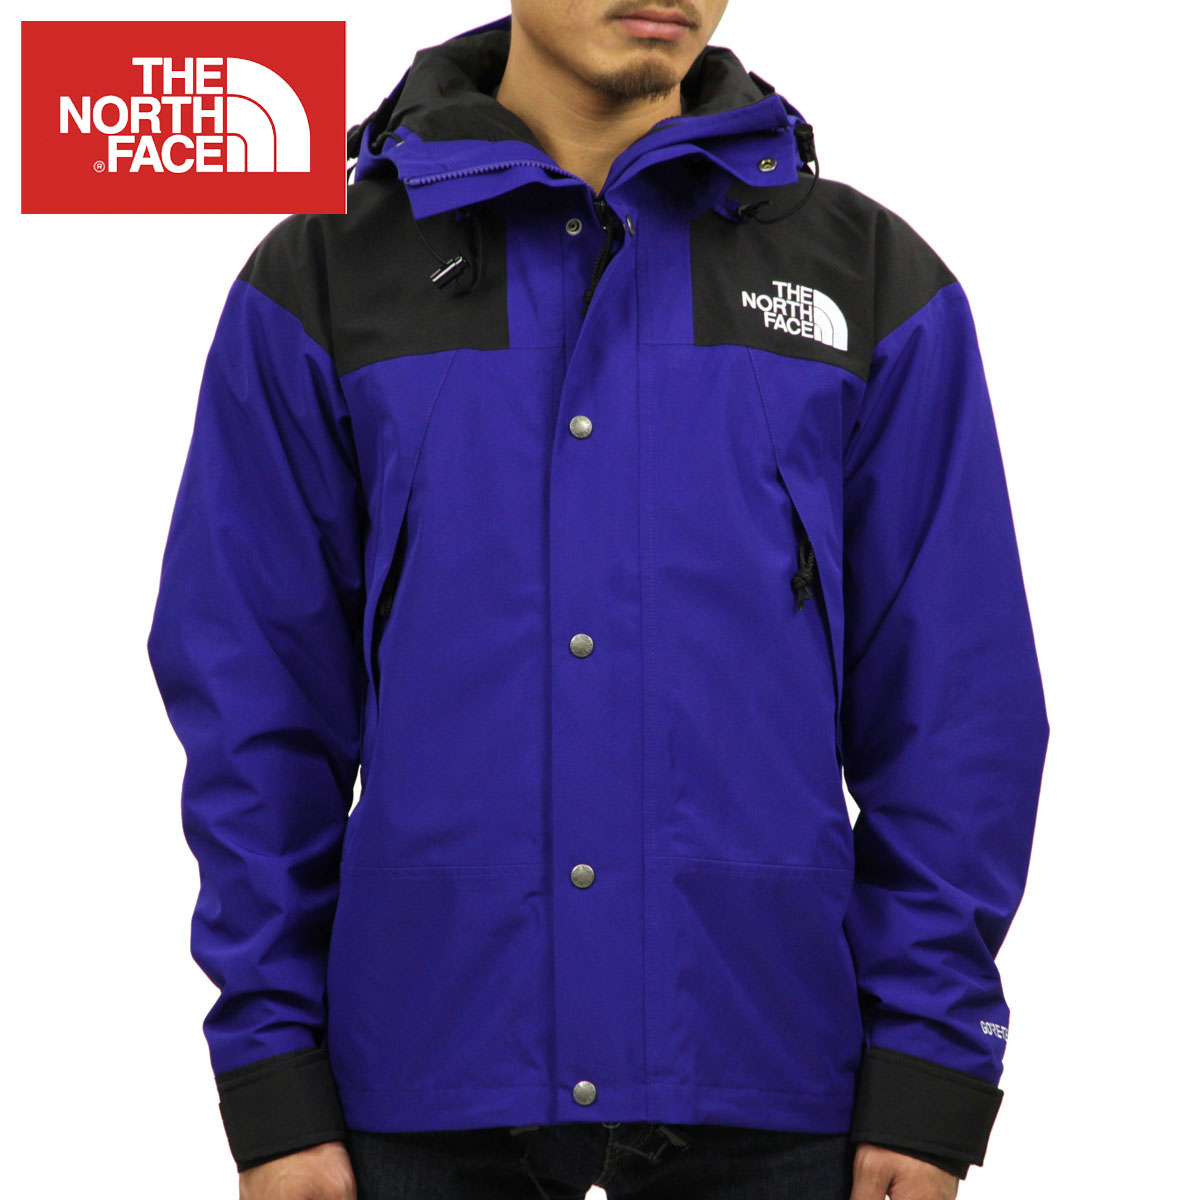 ノースフェイス THE NORTH FACE 正規品 メンズ アウター マウンテンジャケット 1990 MOUNTAIN JACKET GTX TNF AZTEC BLUE NF0A3JPA